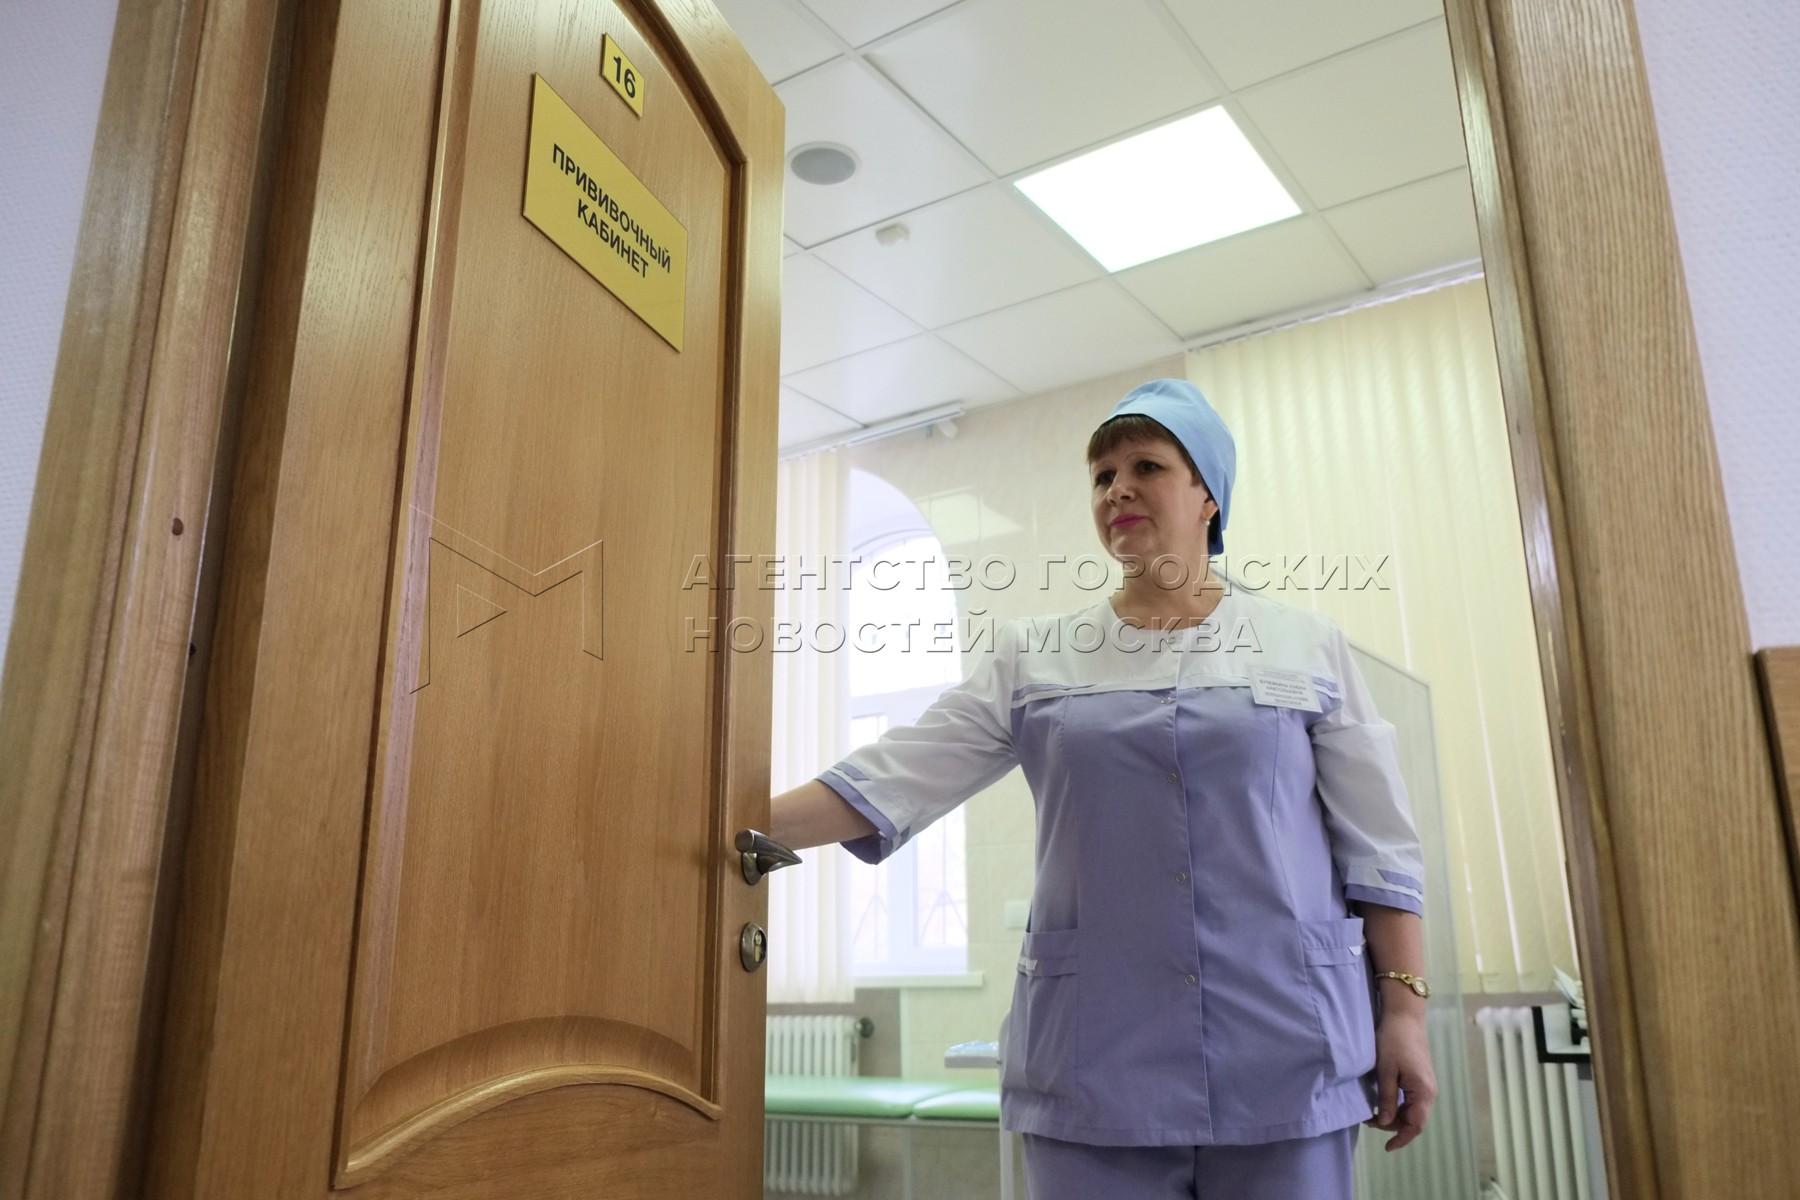 Сезонная вакцинация против гриппа в Центре медицинской профилактики